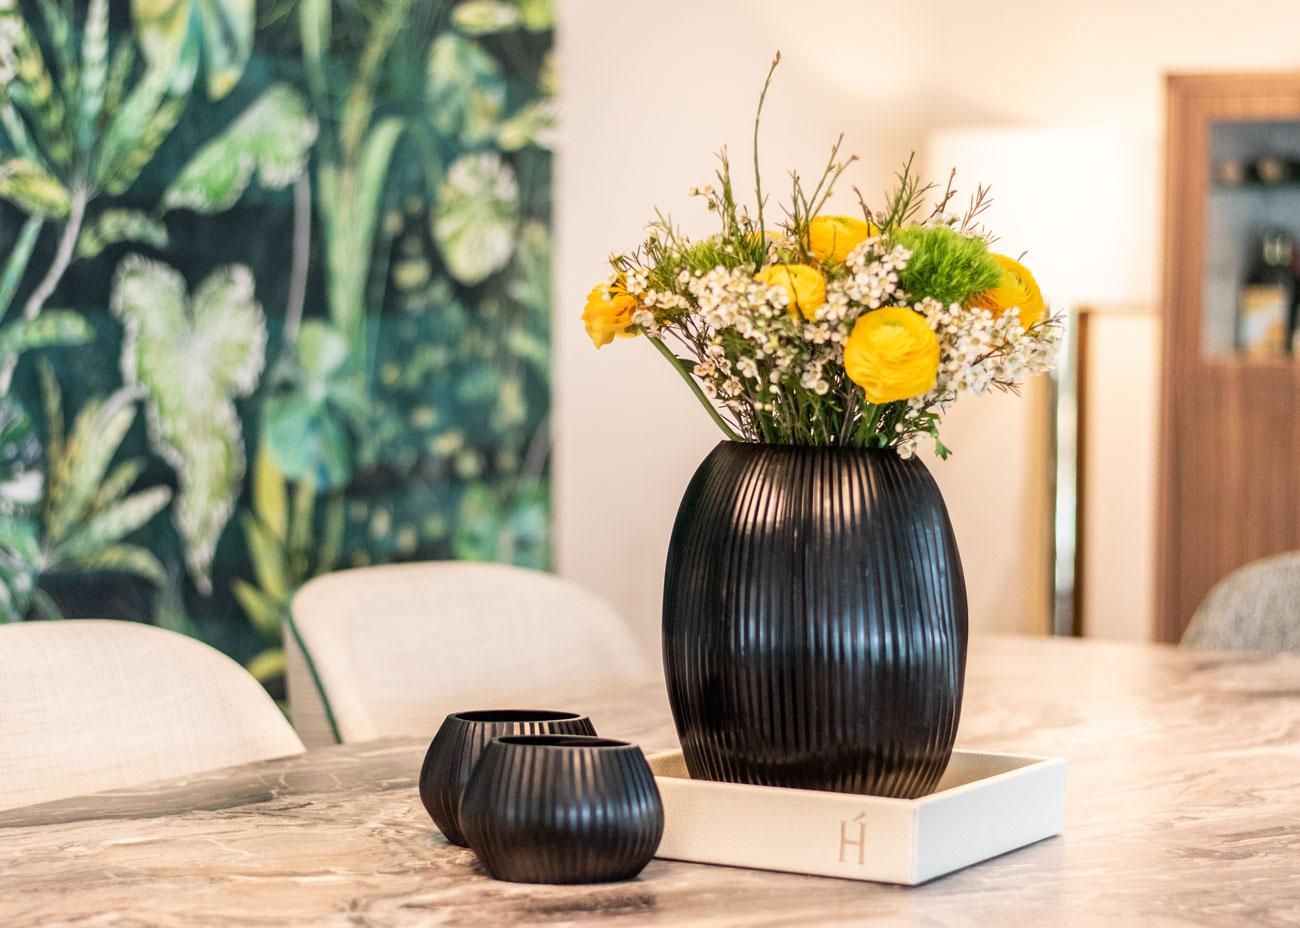 haus einrichten essbereich tisch stühle Vase mit blumen